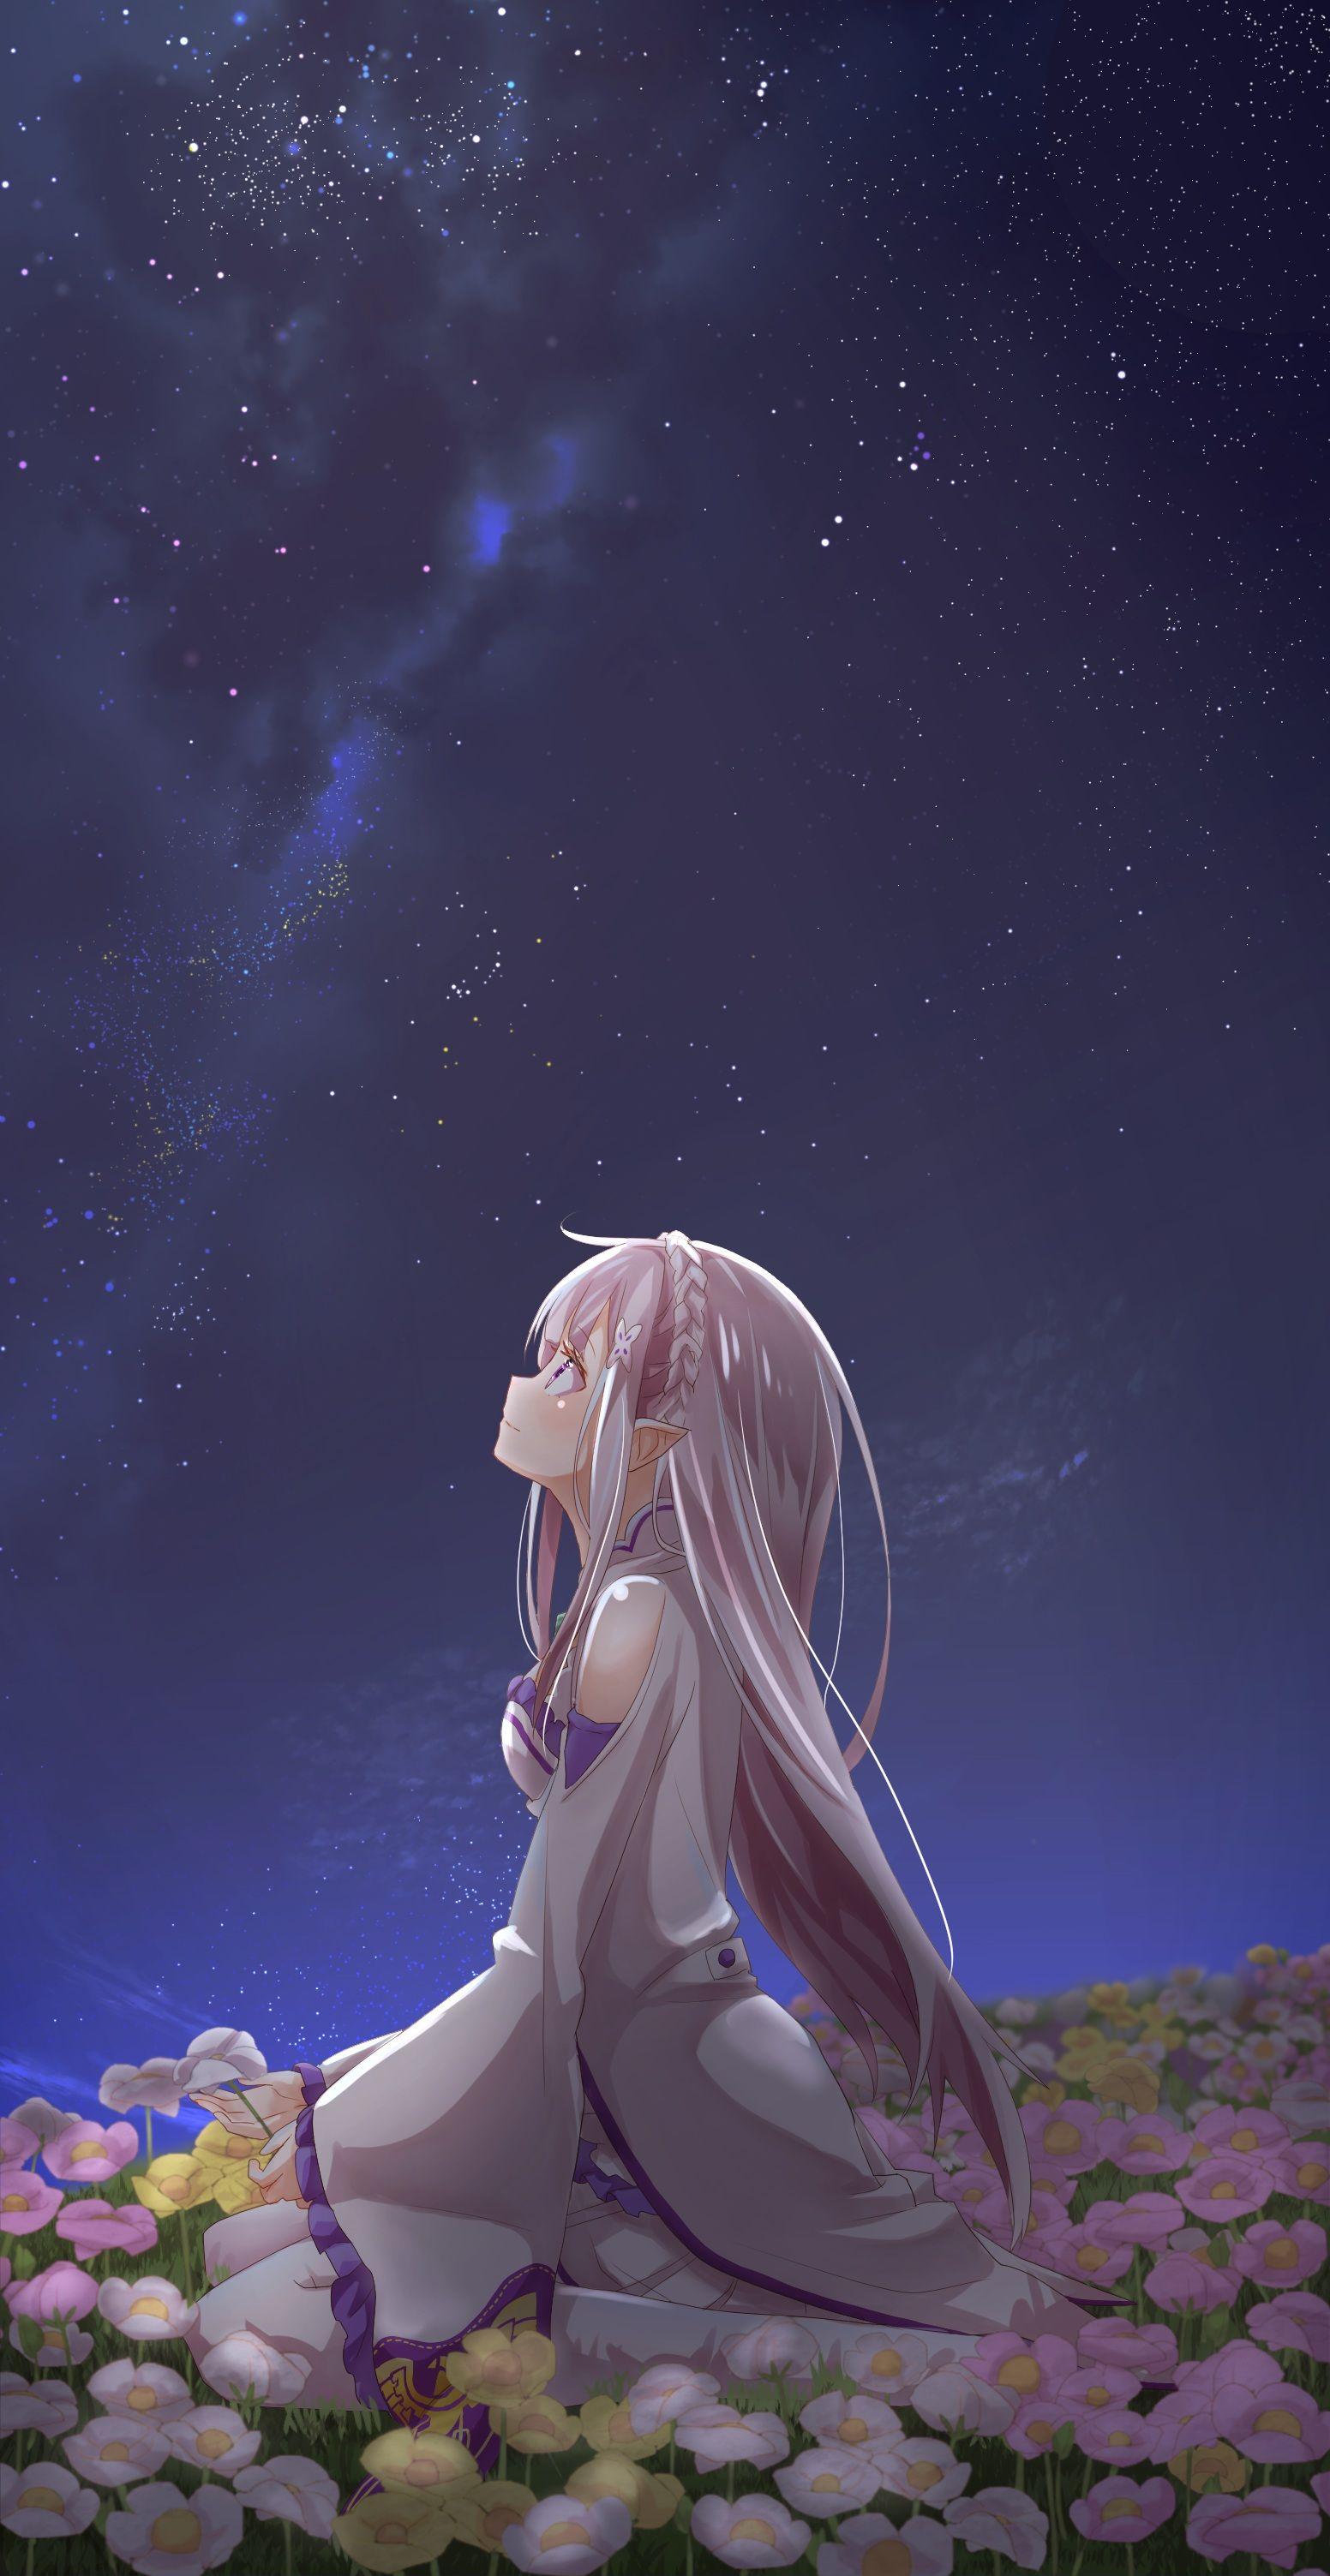 Admirando Las Estrellas Para Conmoverse Un Segundo Y Asi Contemplar Las Bellas Estrellas Del Cielo Azul リゼロ イラスト リゼロ 壁紙 アニメの風景